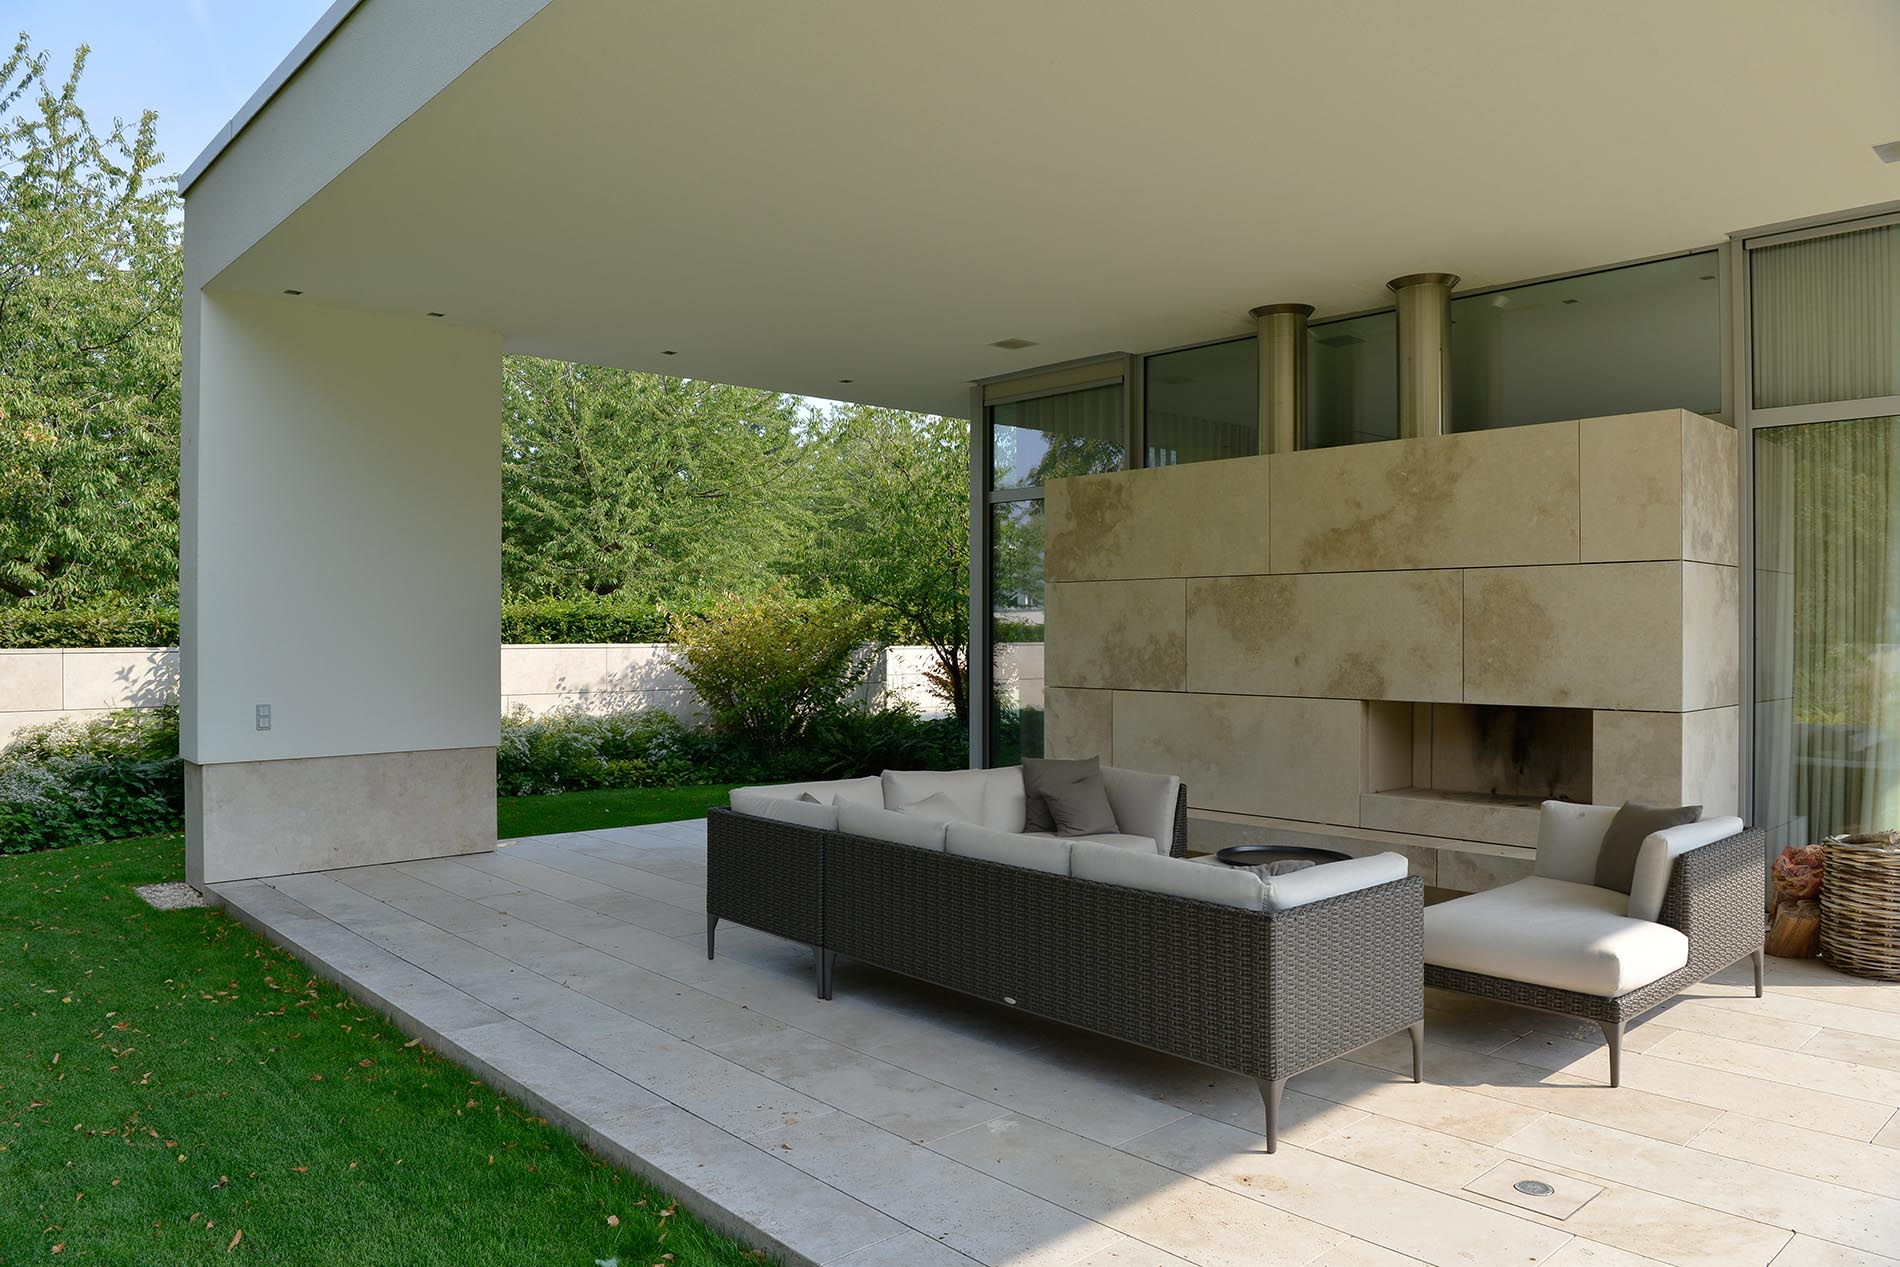 Terrassenplatten und Kaminverkleidung aus Bauhaus Travertin von TRACO